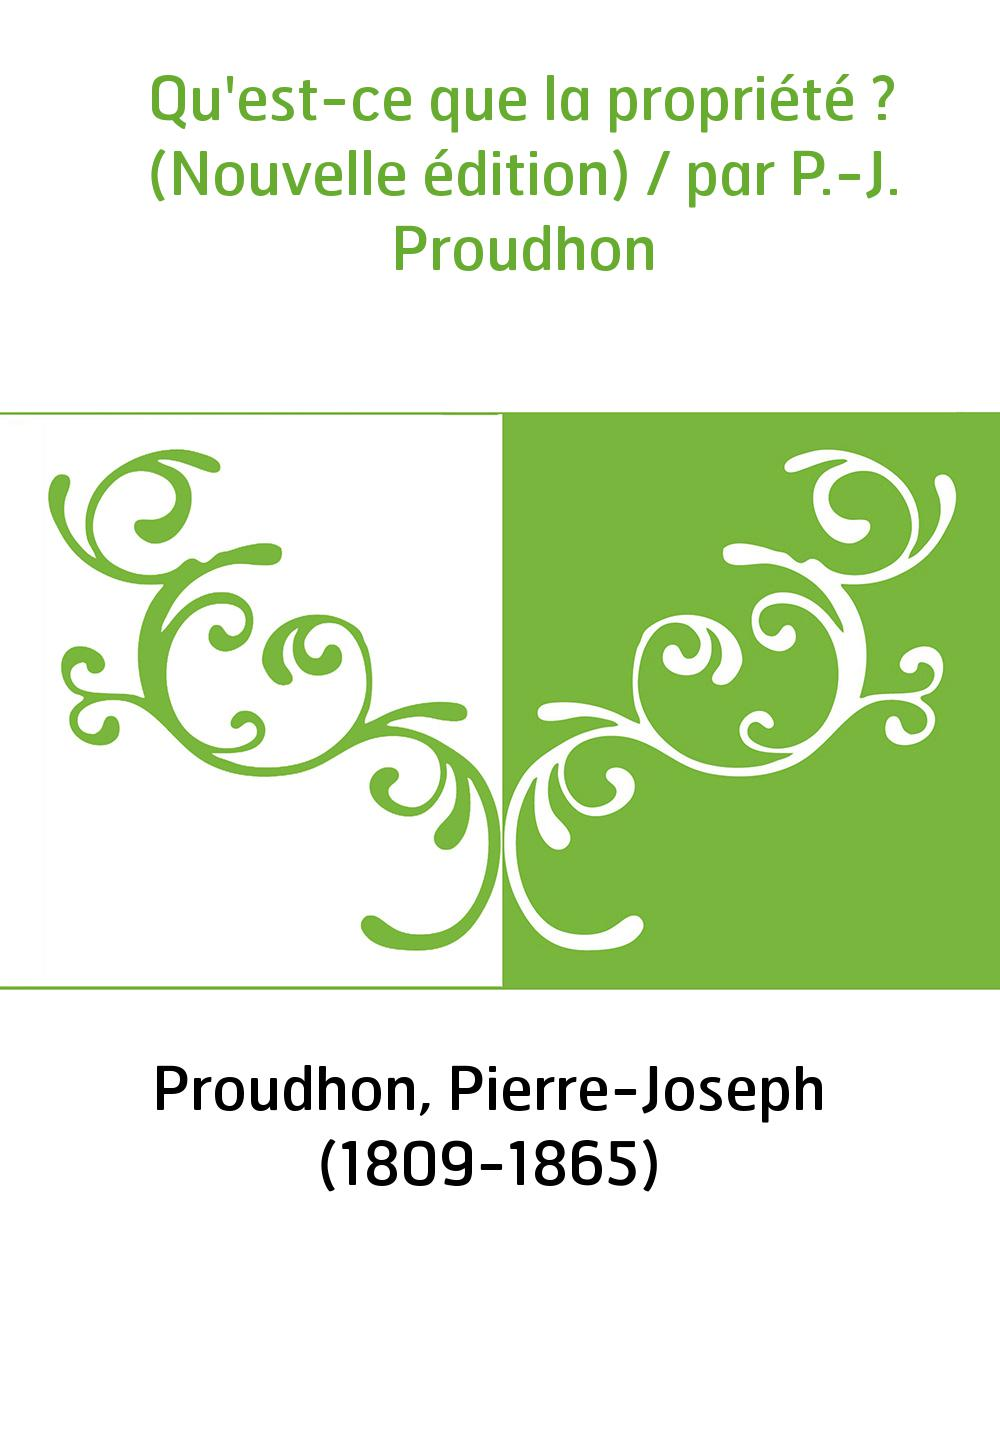 Qu'est-ce que la propriété ? (Nouvelle édition) / par P.-J. Proudhon